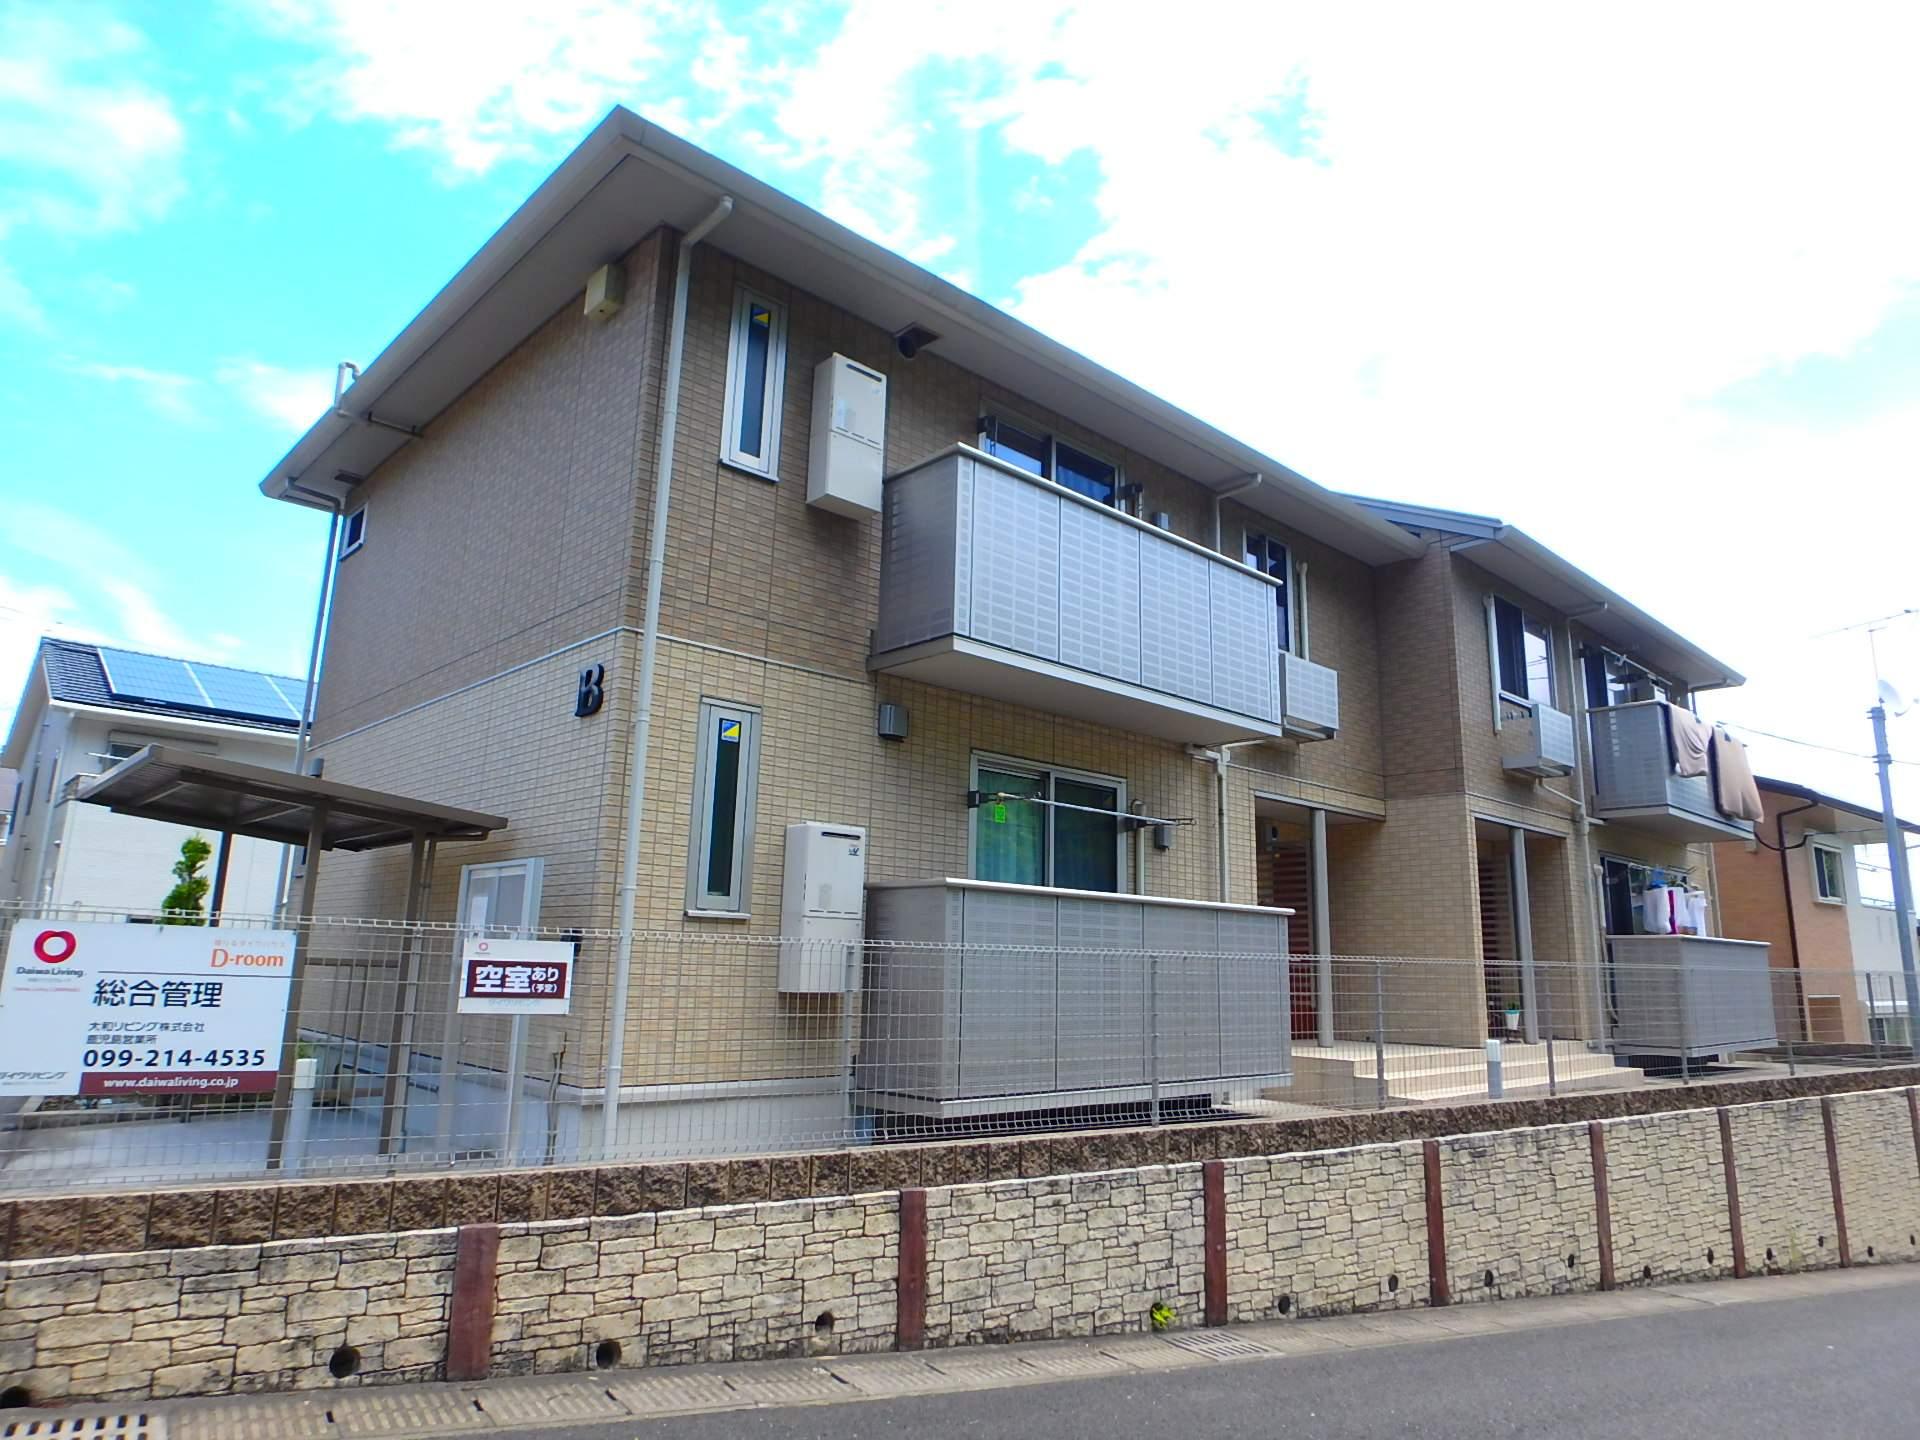 鹿児島県鹿児島市、宇宿駅徒歩23分の築4年 2階建の賃貸アパート